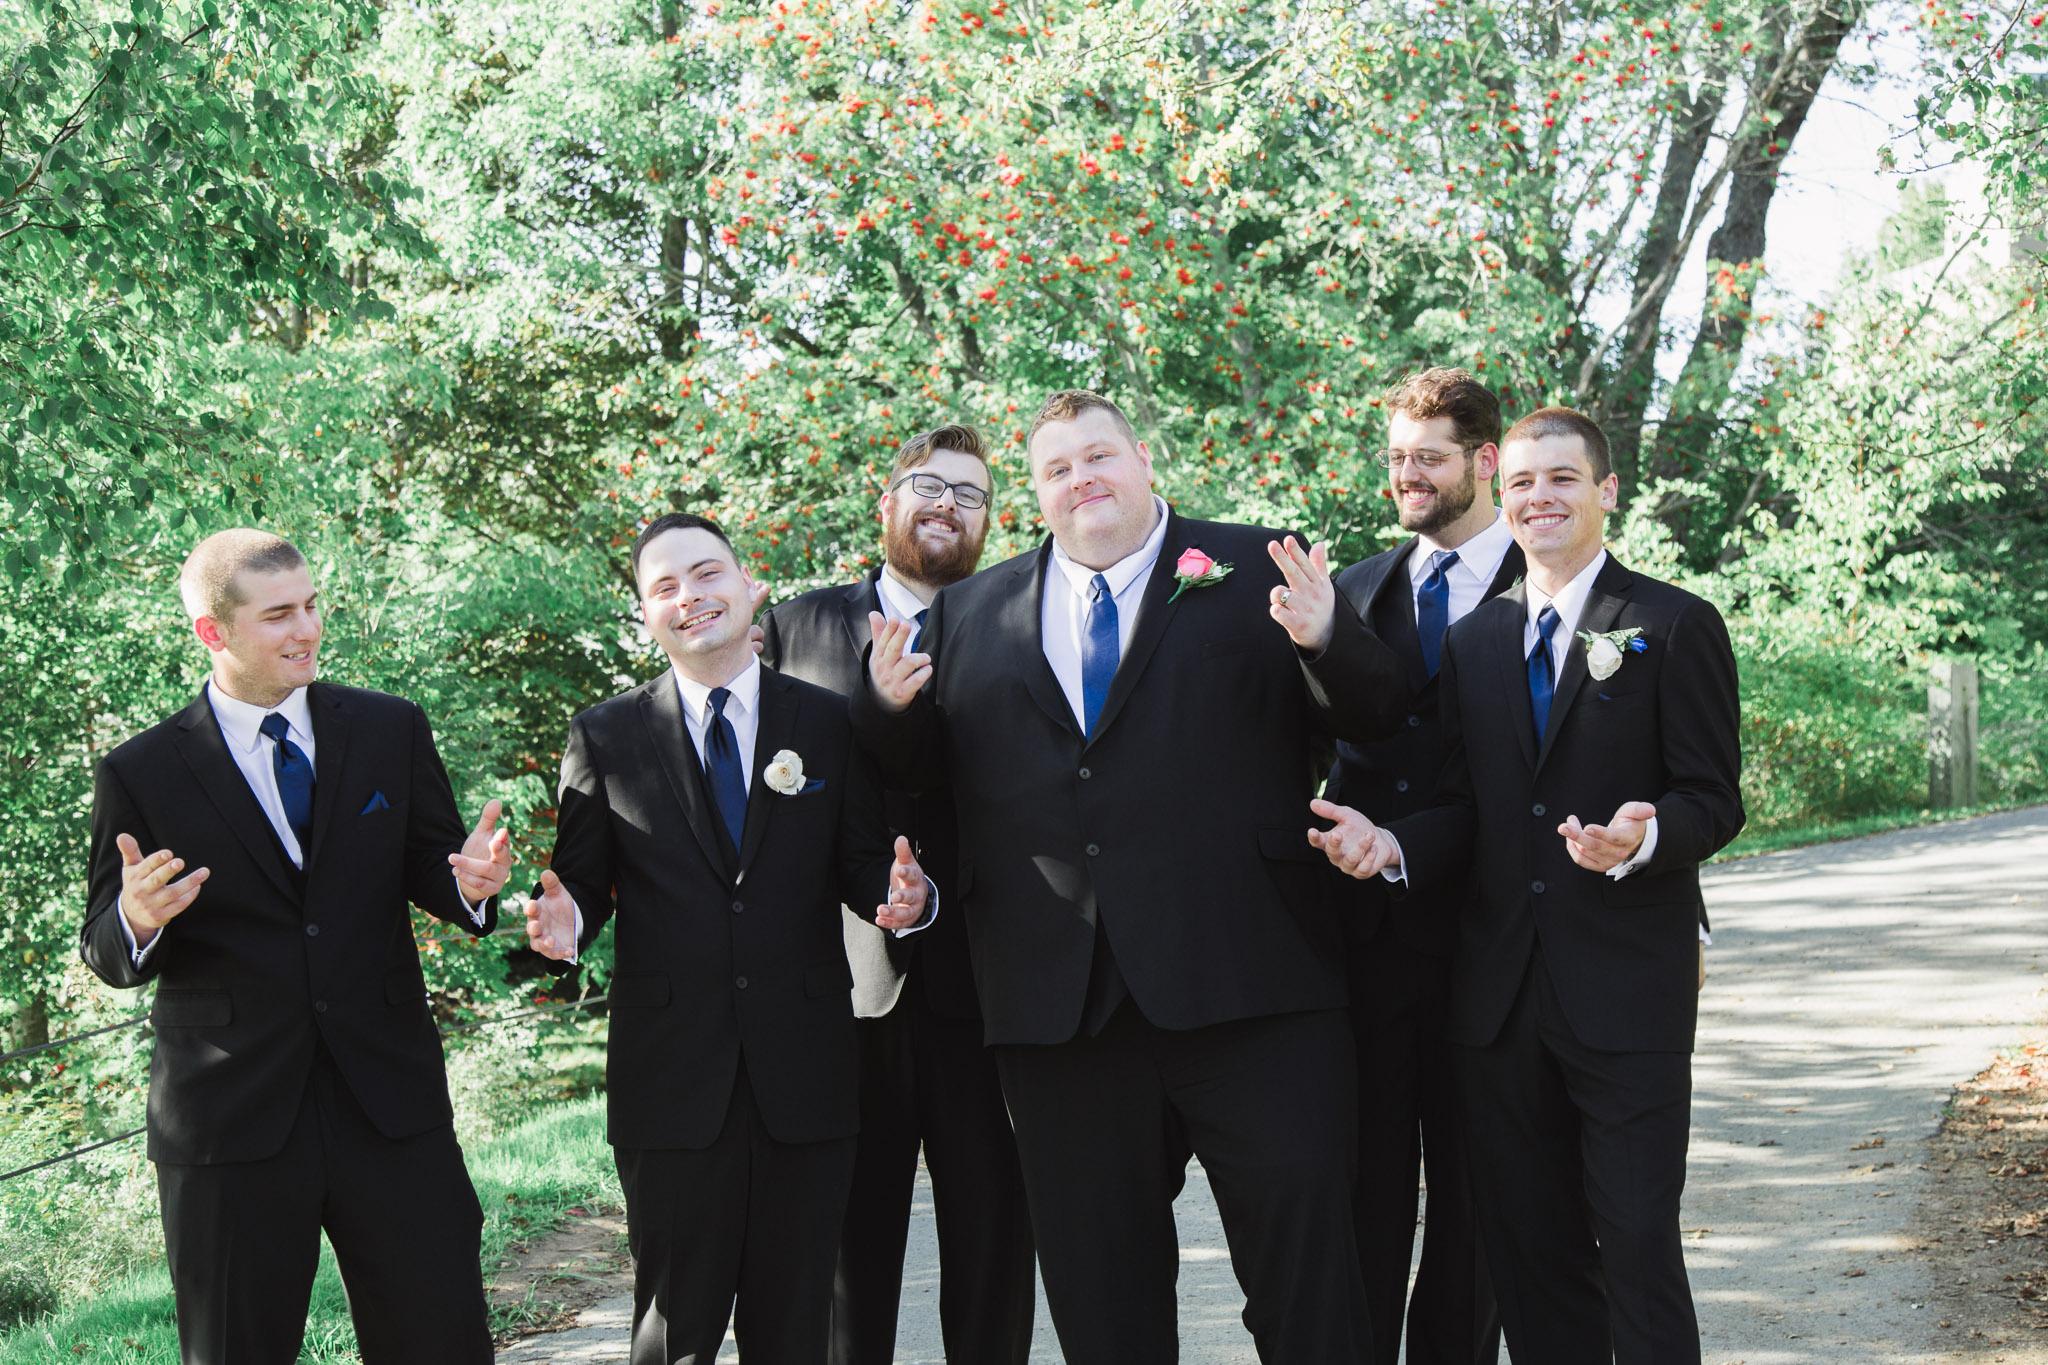 Image of groom posing with groomsmen